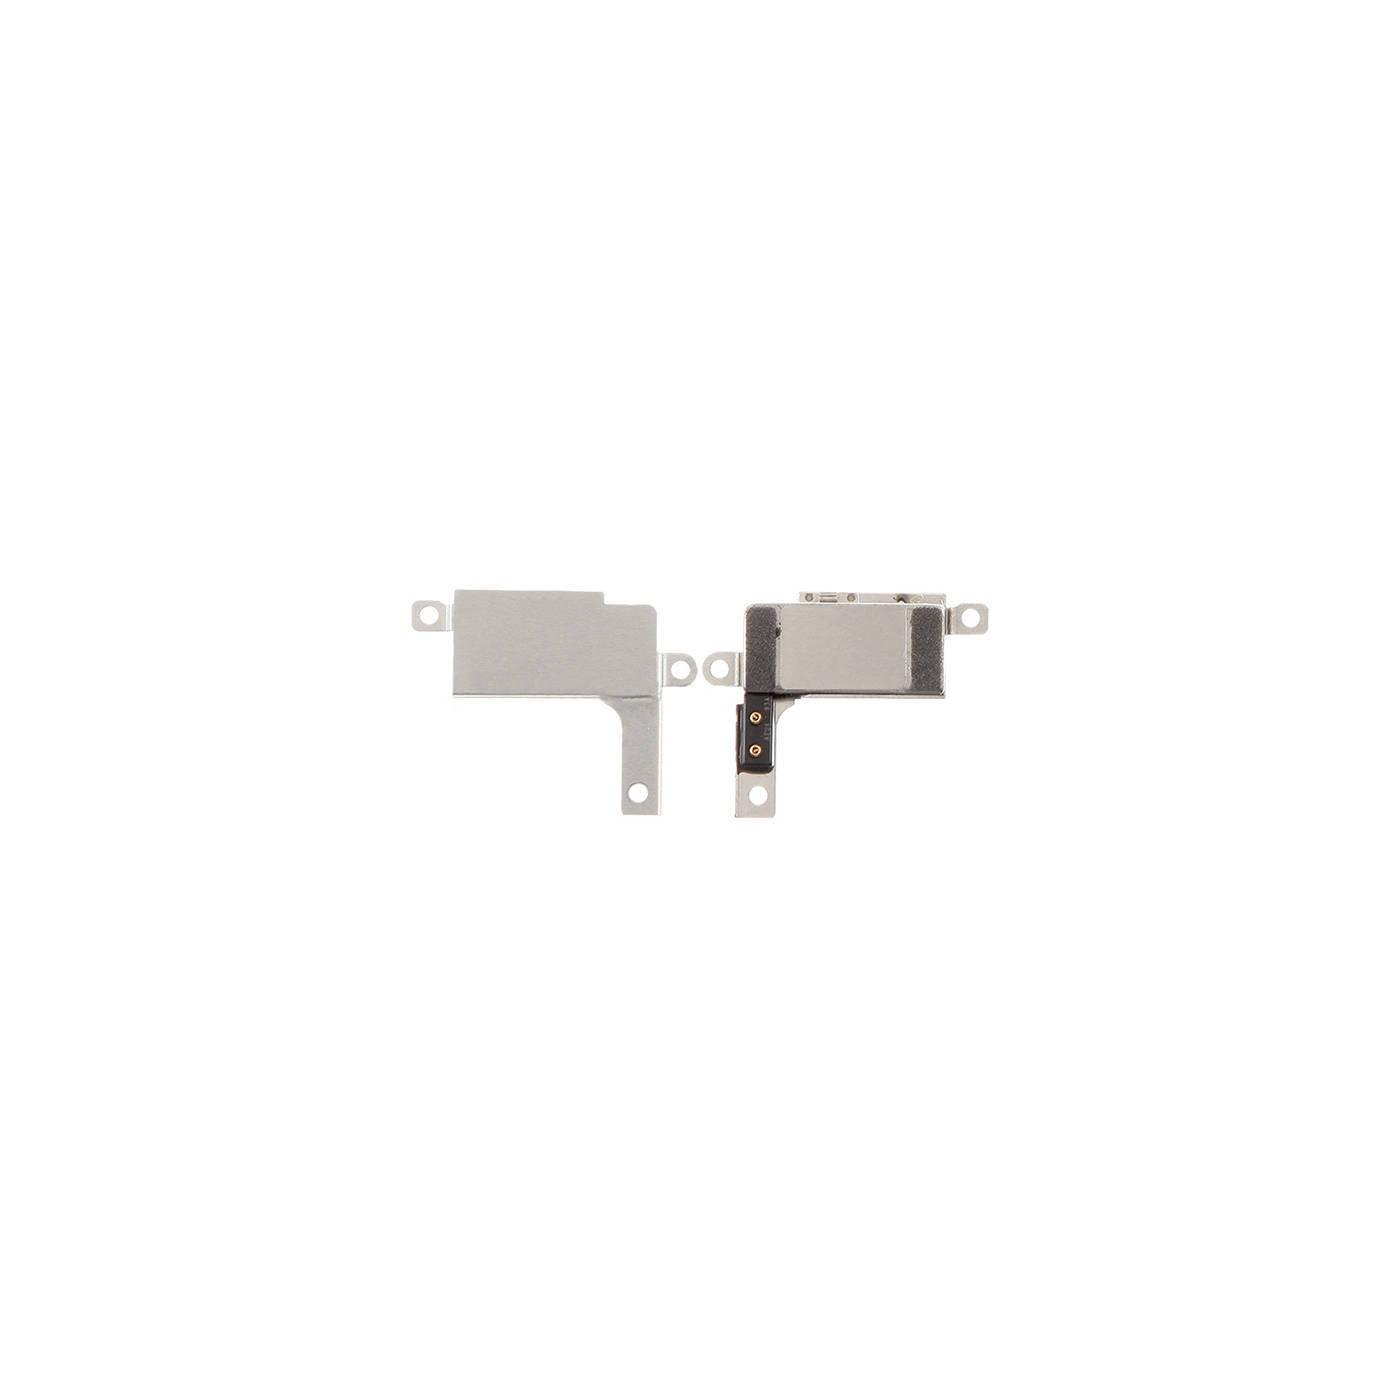 Motor de vibración de repuesto para Iphone 6 Plus